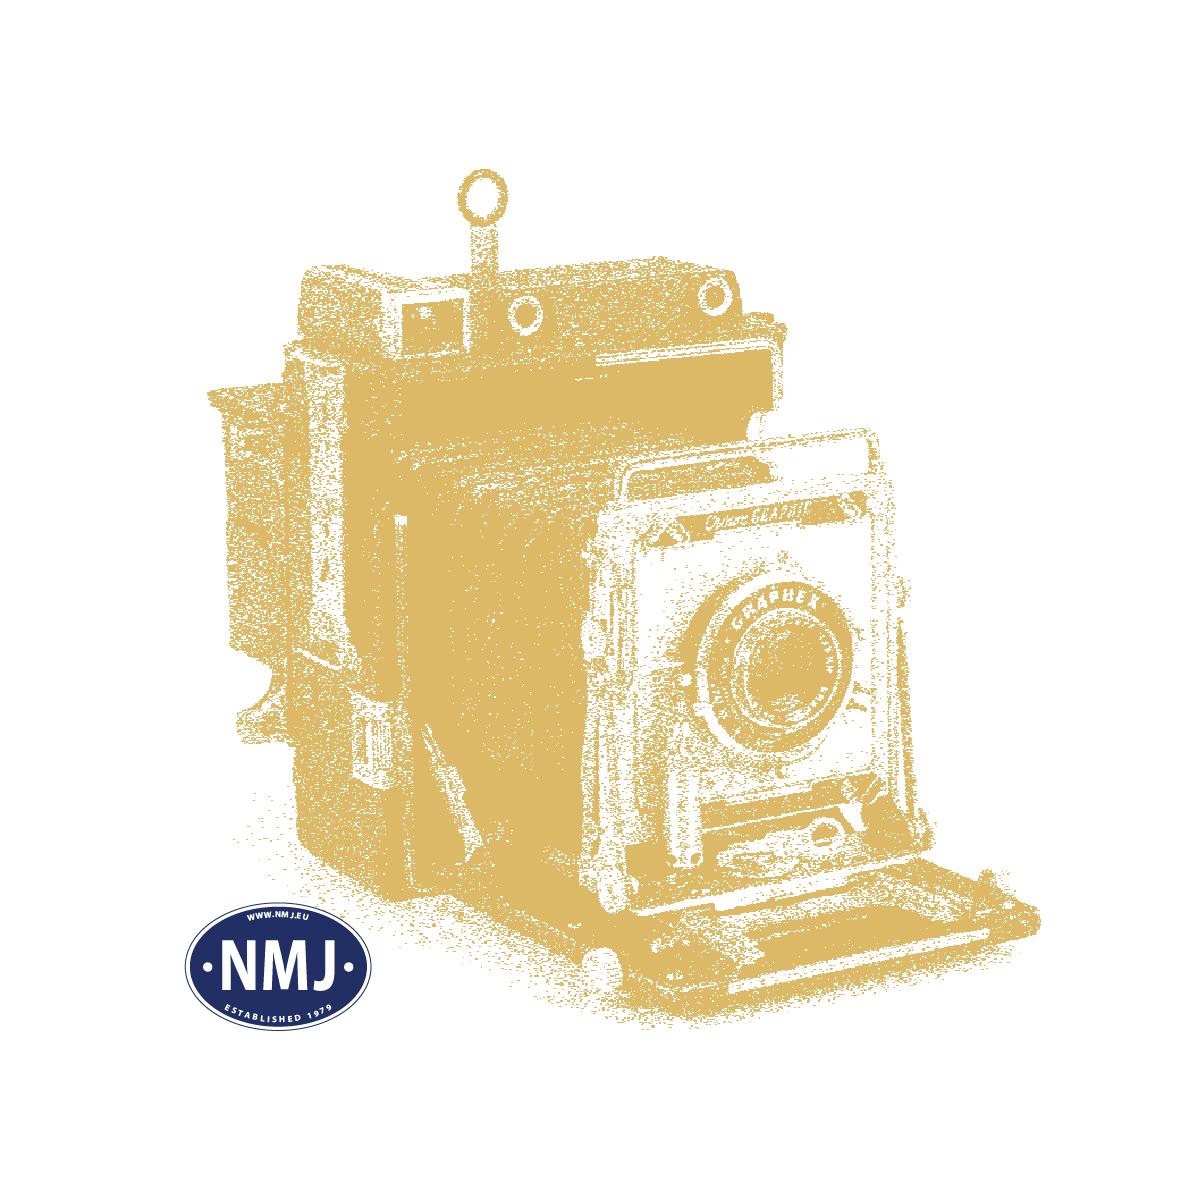 NMJT83.992 - Achsen fürr NMJ Topline SKD224, 1 Paar (2 Stk.)